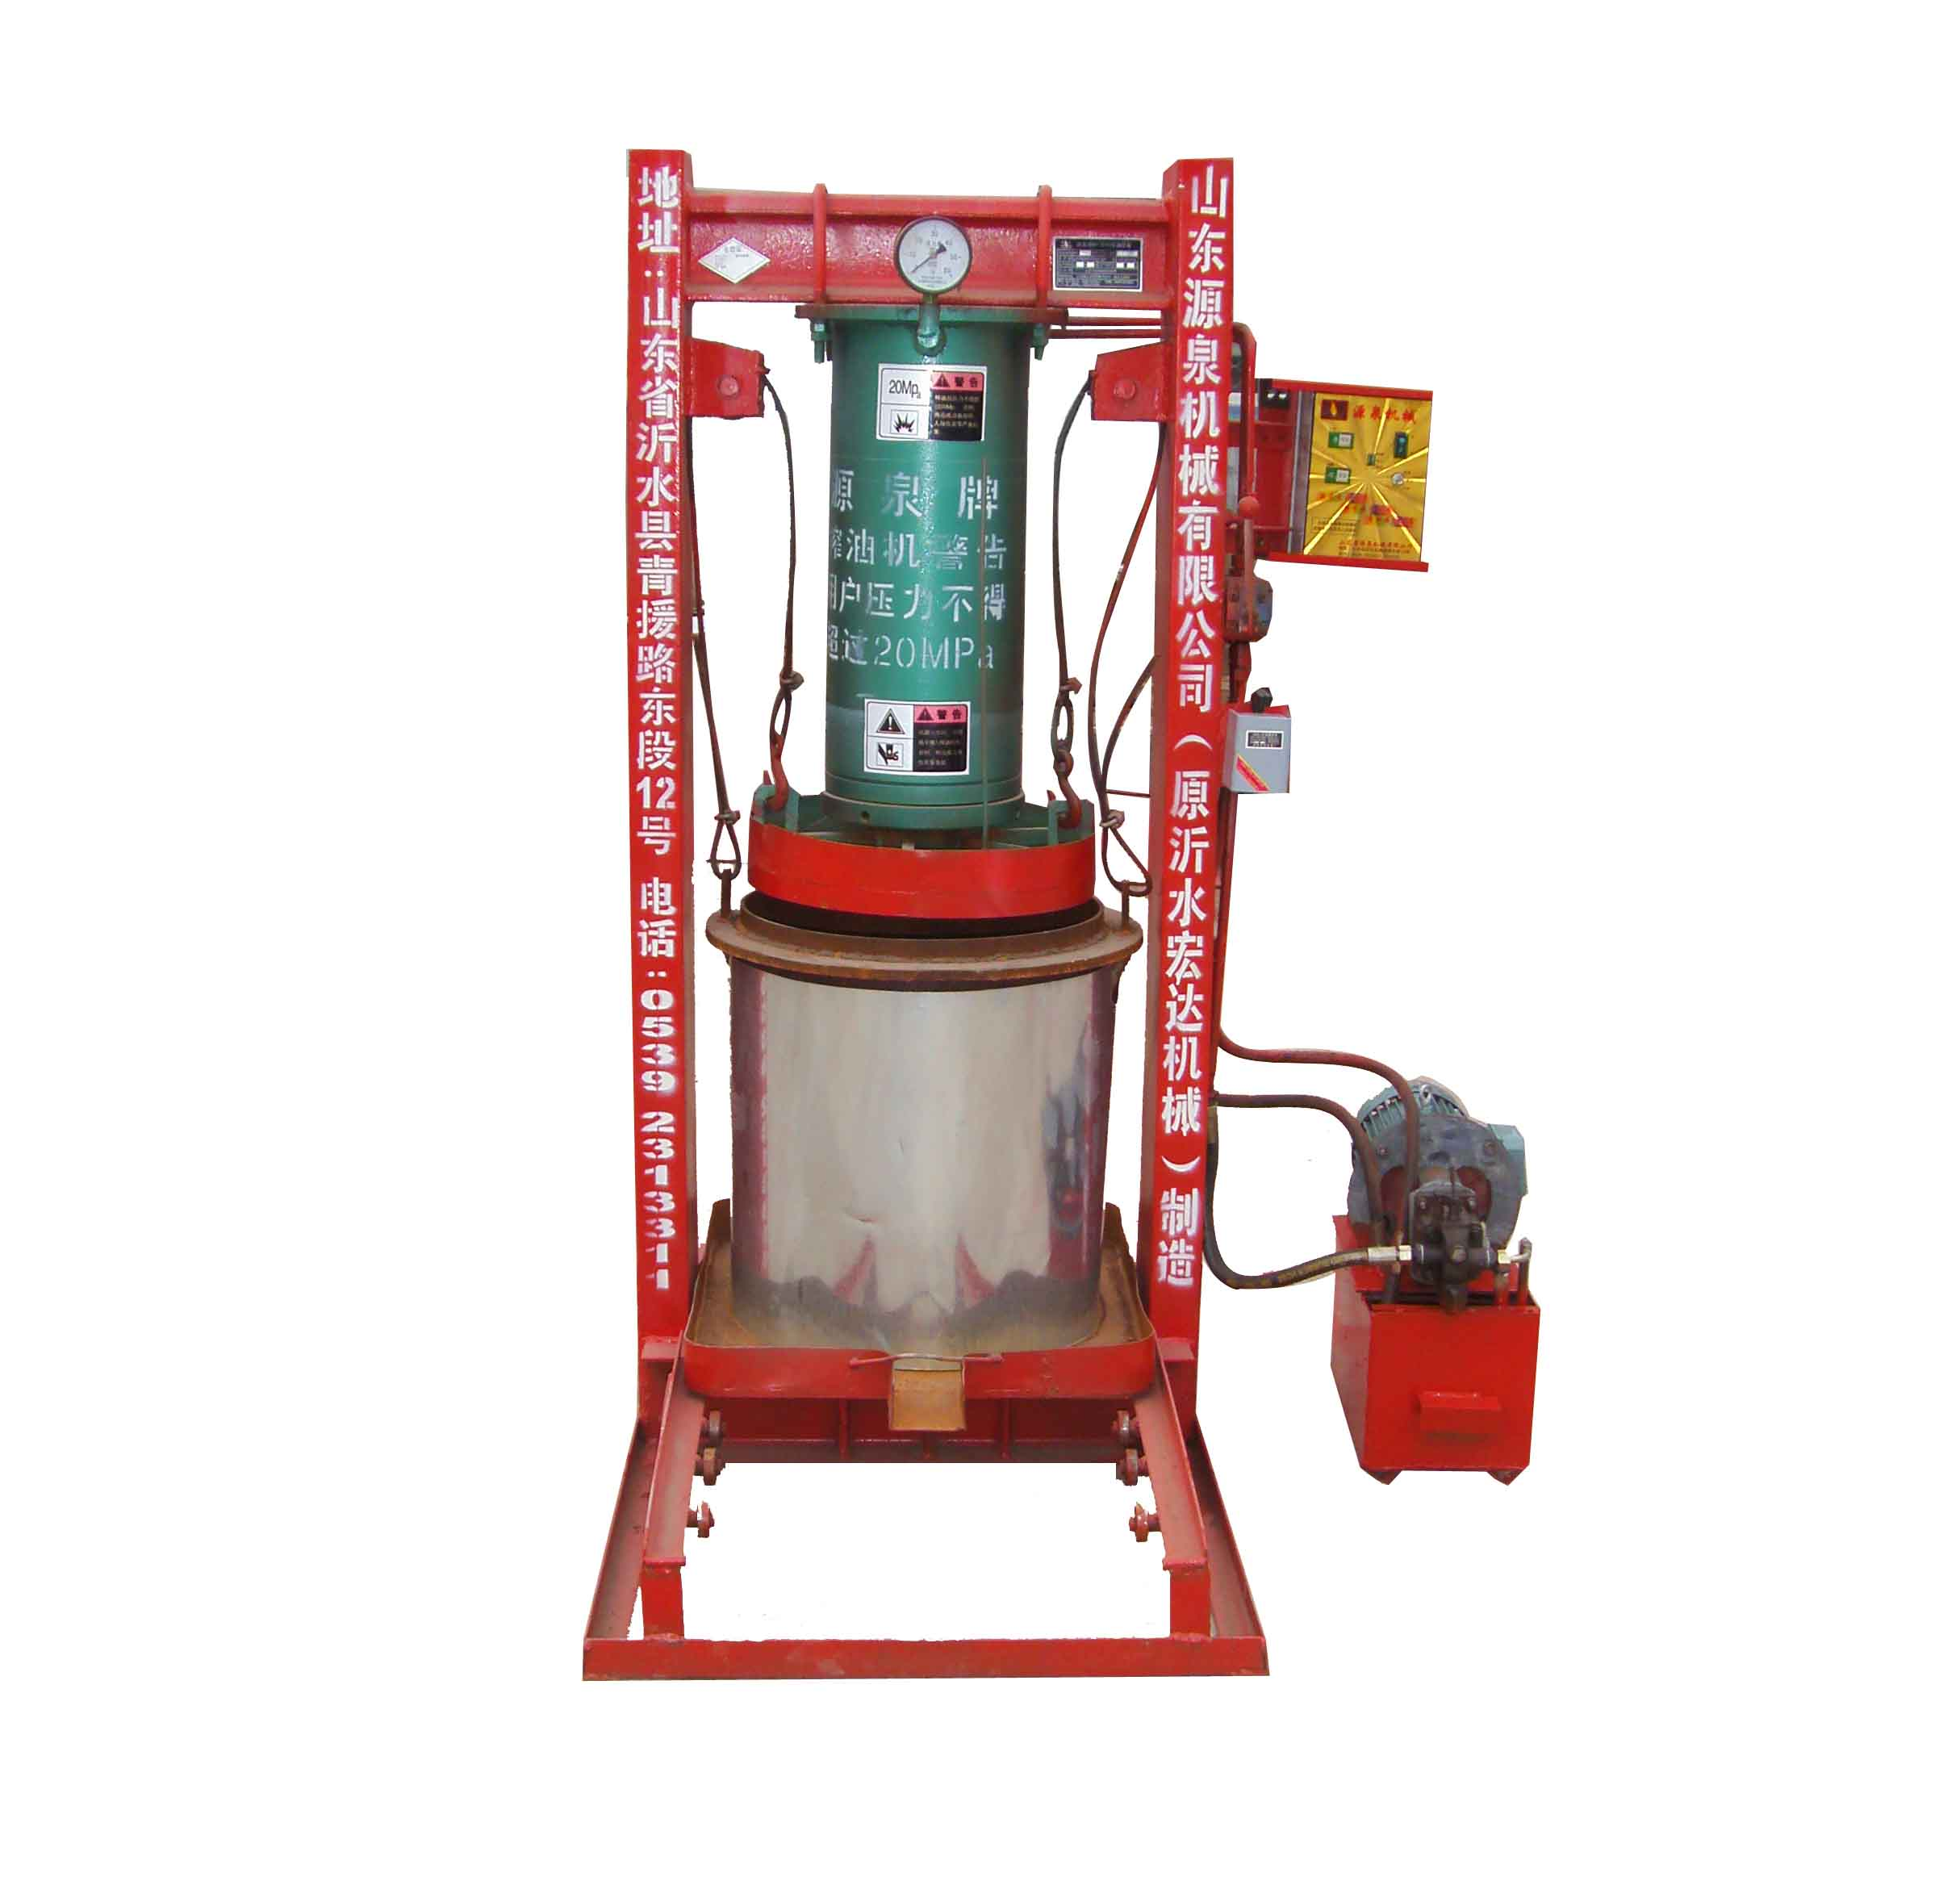 濮阳大型榨油机厂家-热荐高品质全自动榨油机质量可靠